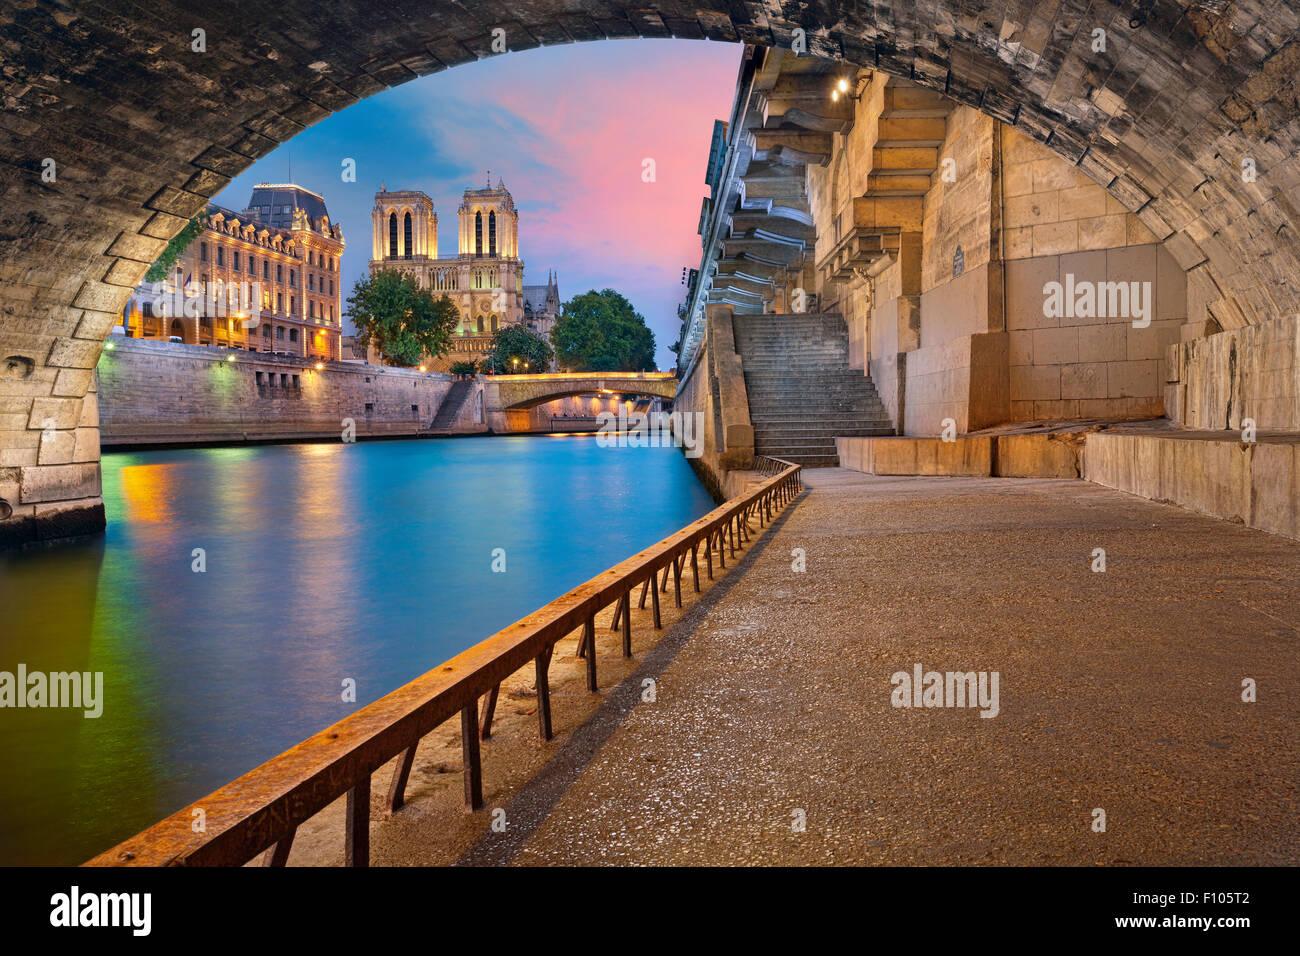 París. Imagen de la catedral Notre-Dame de París y de la ribera del río Sena en París, Francia. Imagen De Stock